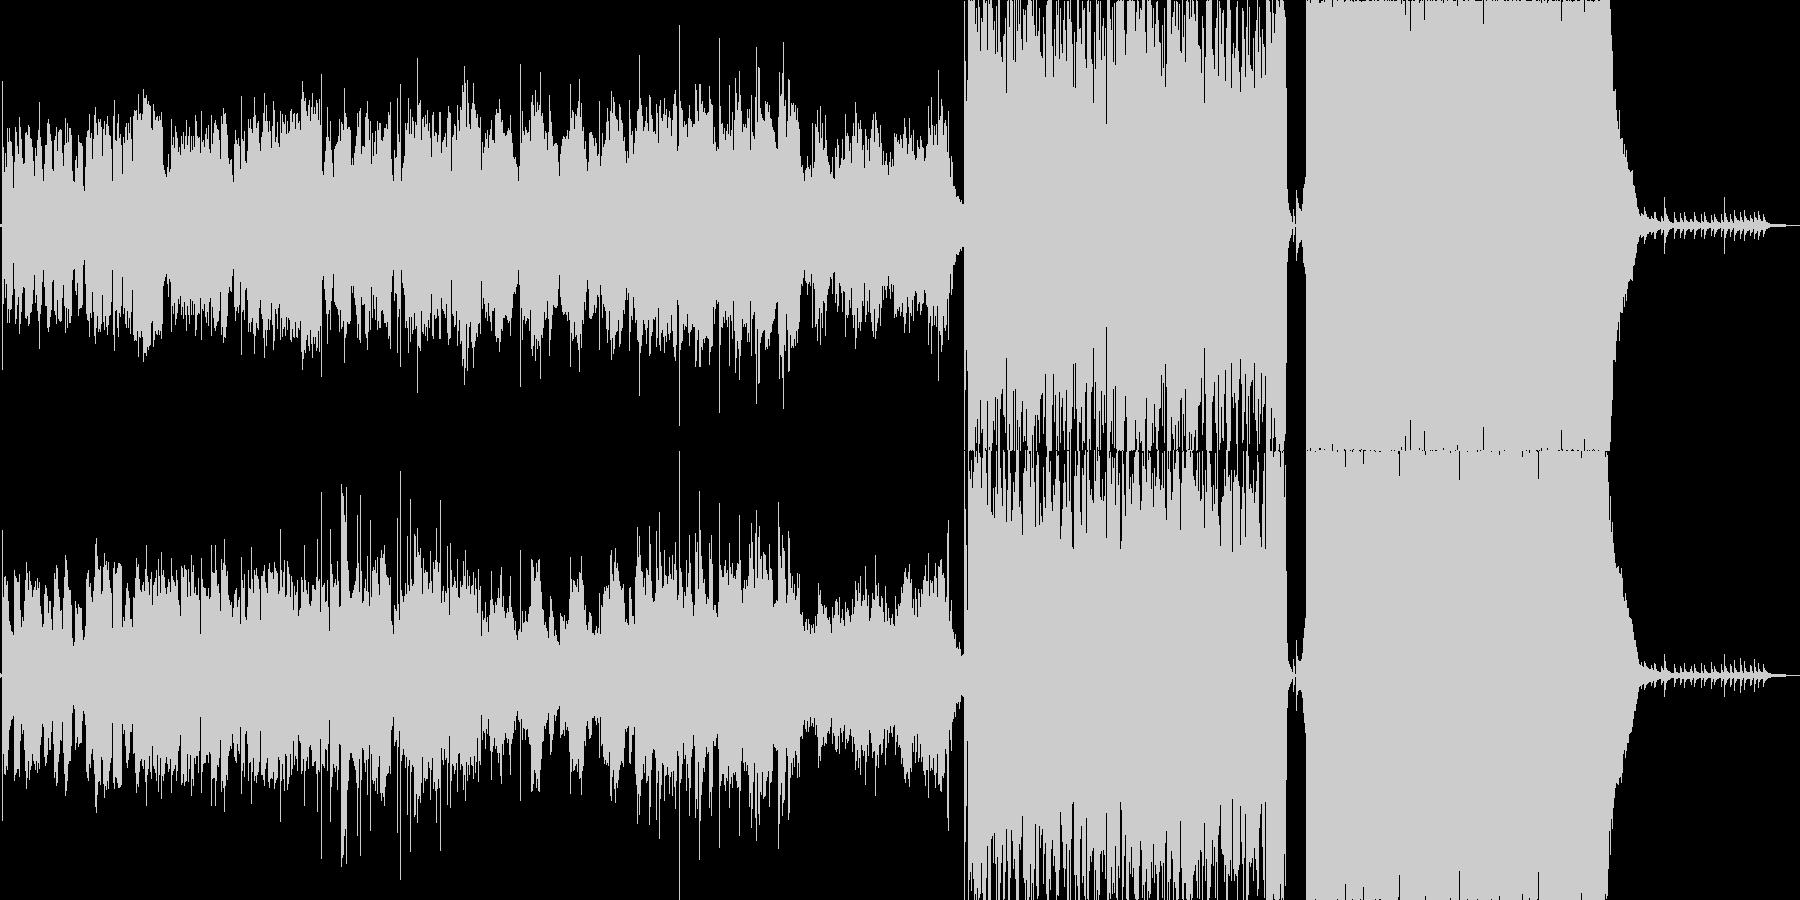 レトロな音色のピアノメインの優しい曲の未再生の波形